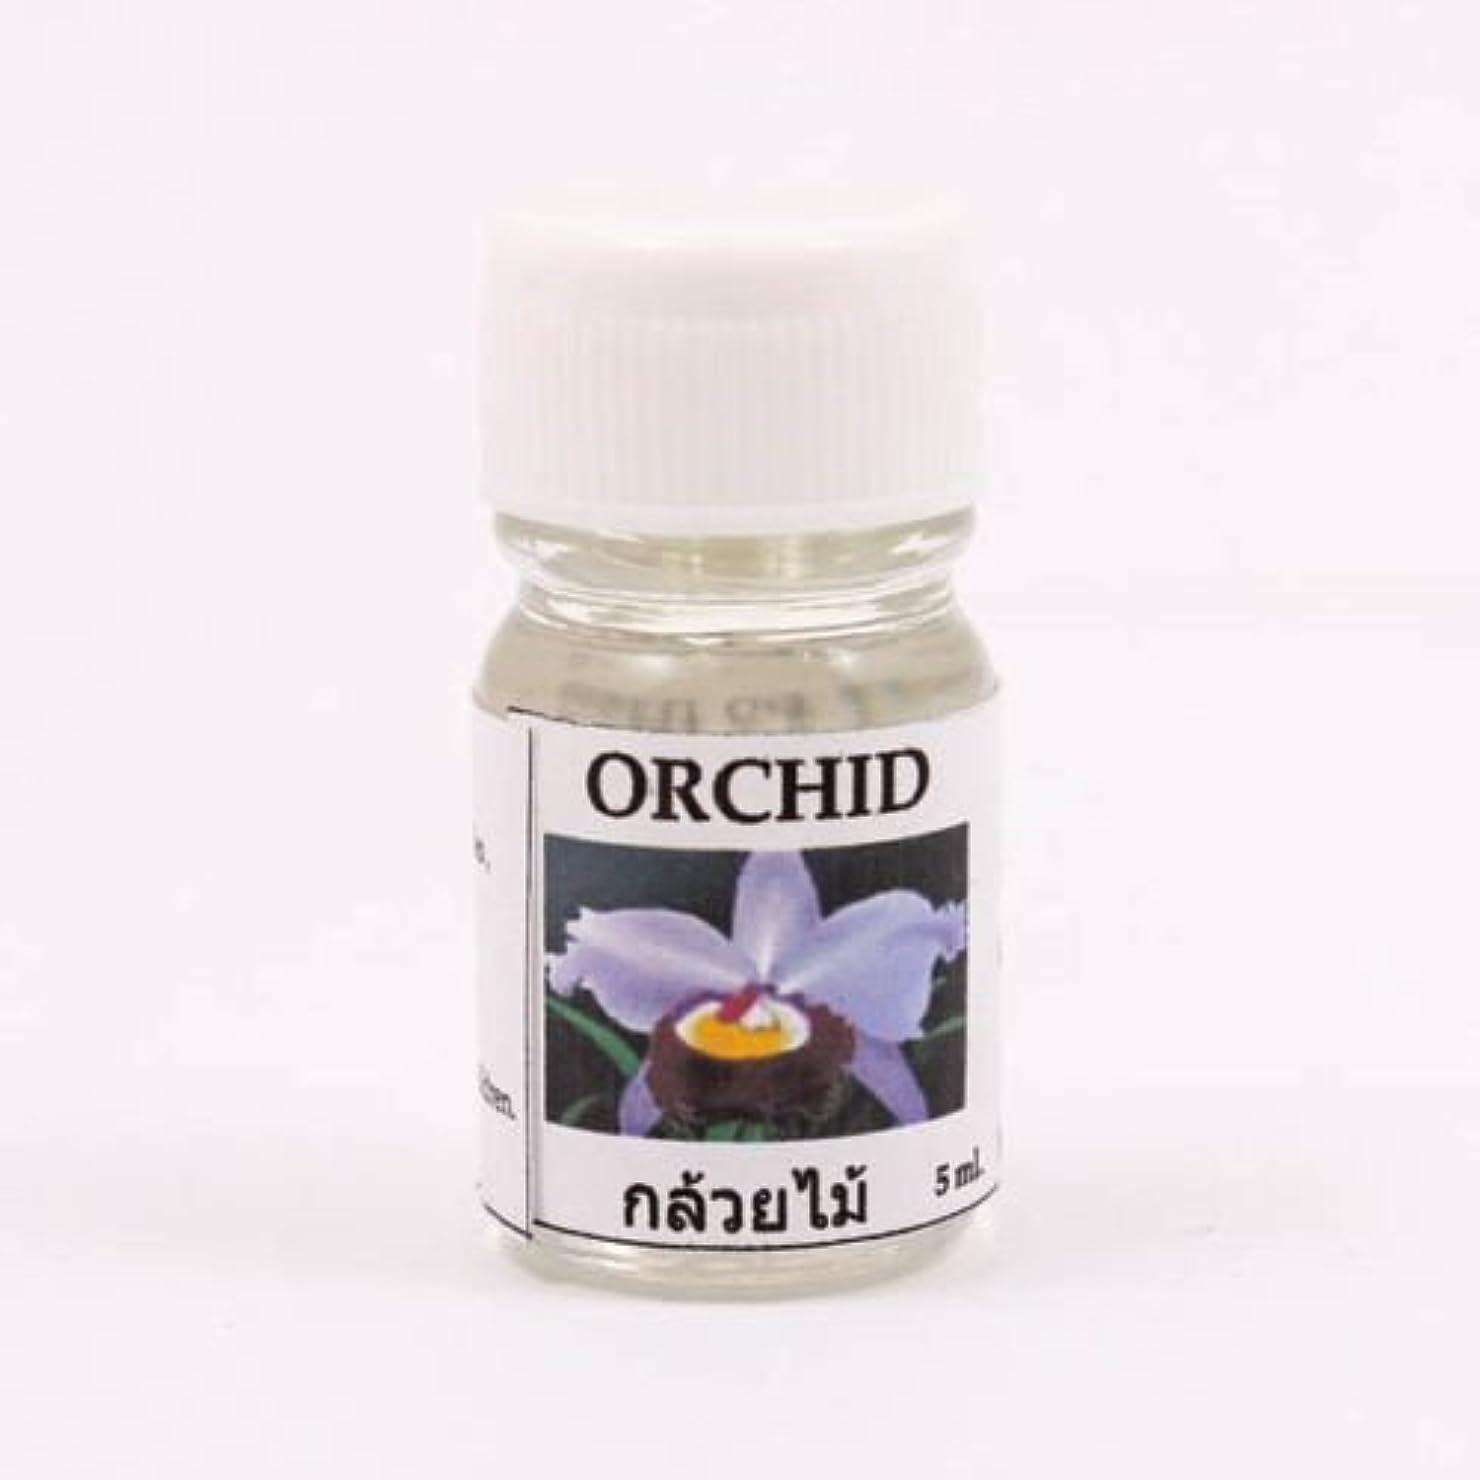 啓示シーサイドコピー6X Orchid Aroma Fragrance Essential Oil 5ML. (cc) Diffuser Burner Therapy